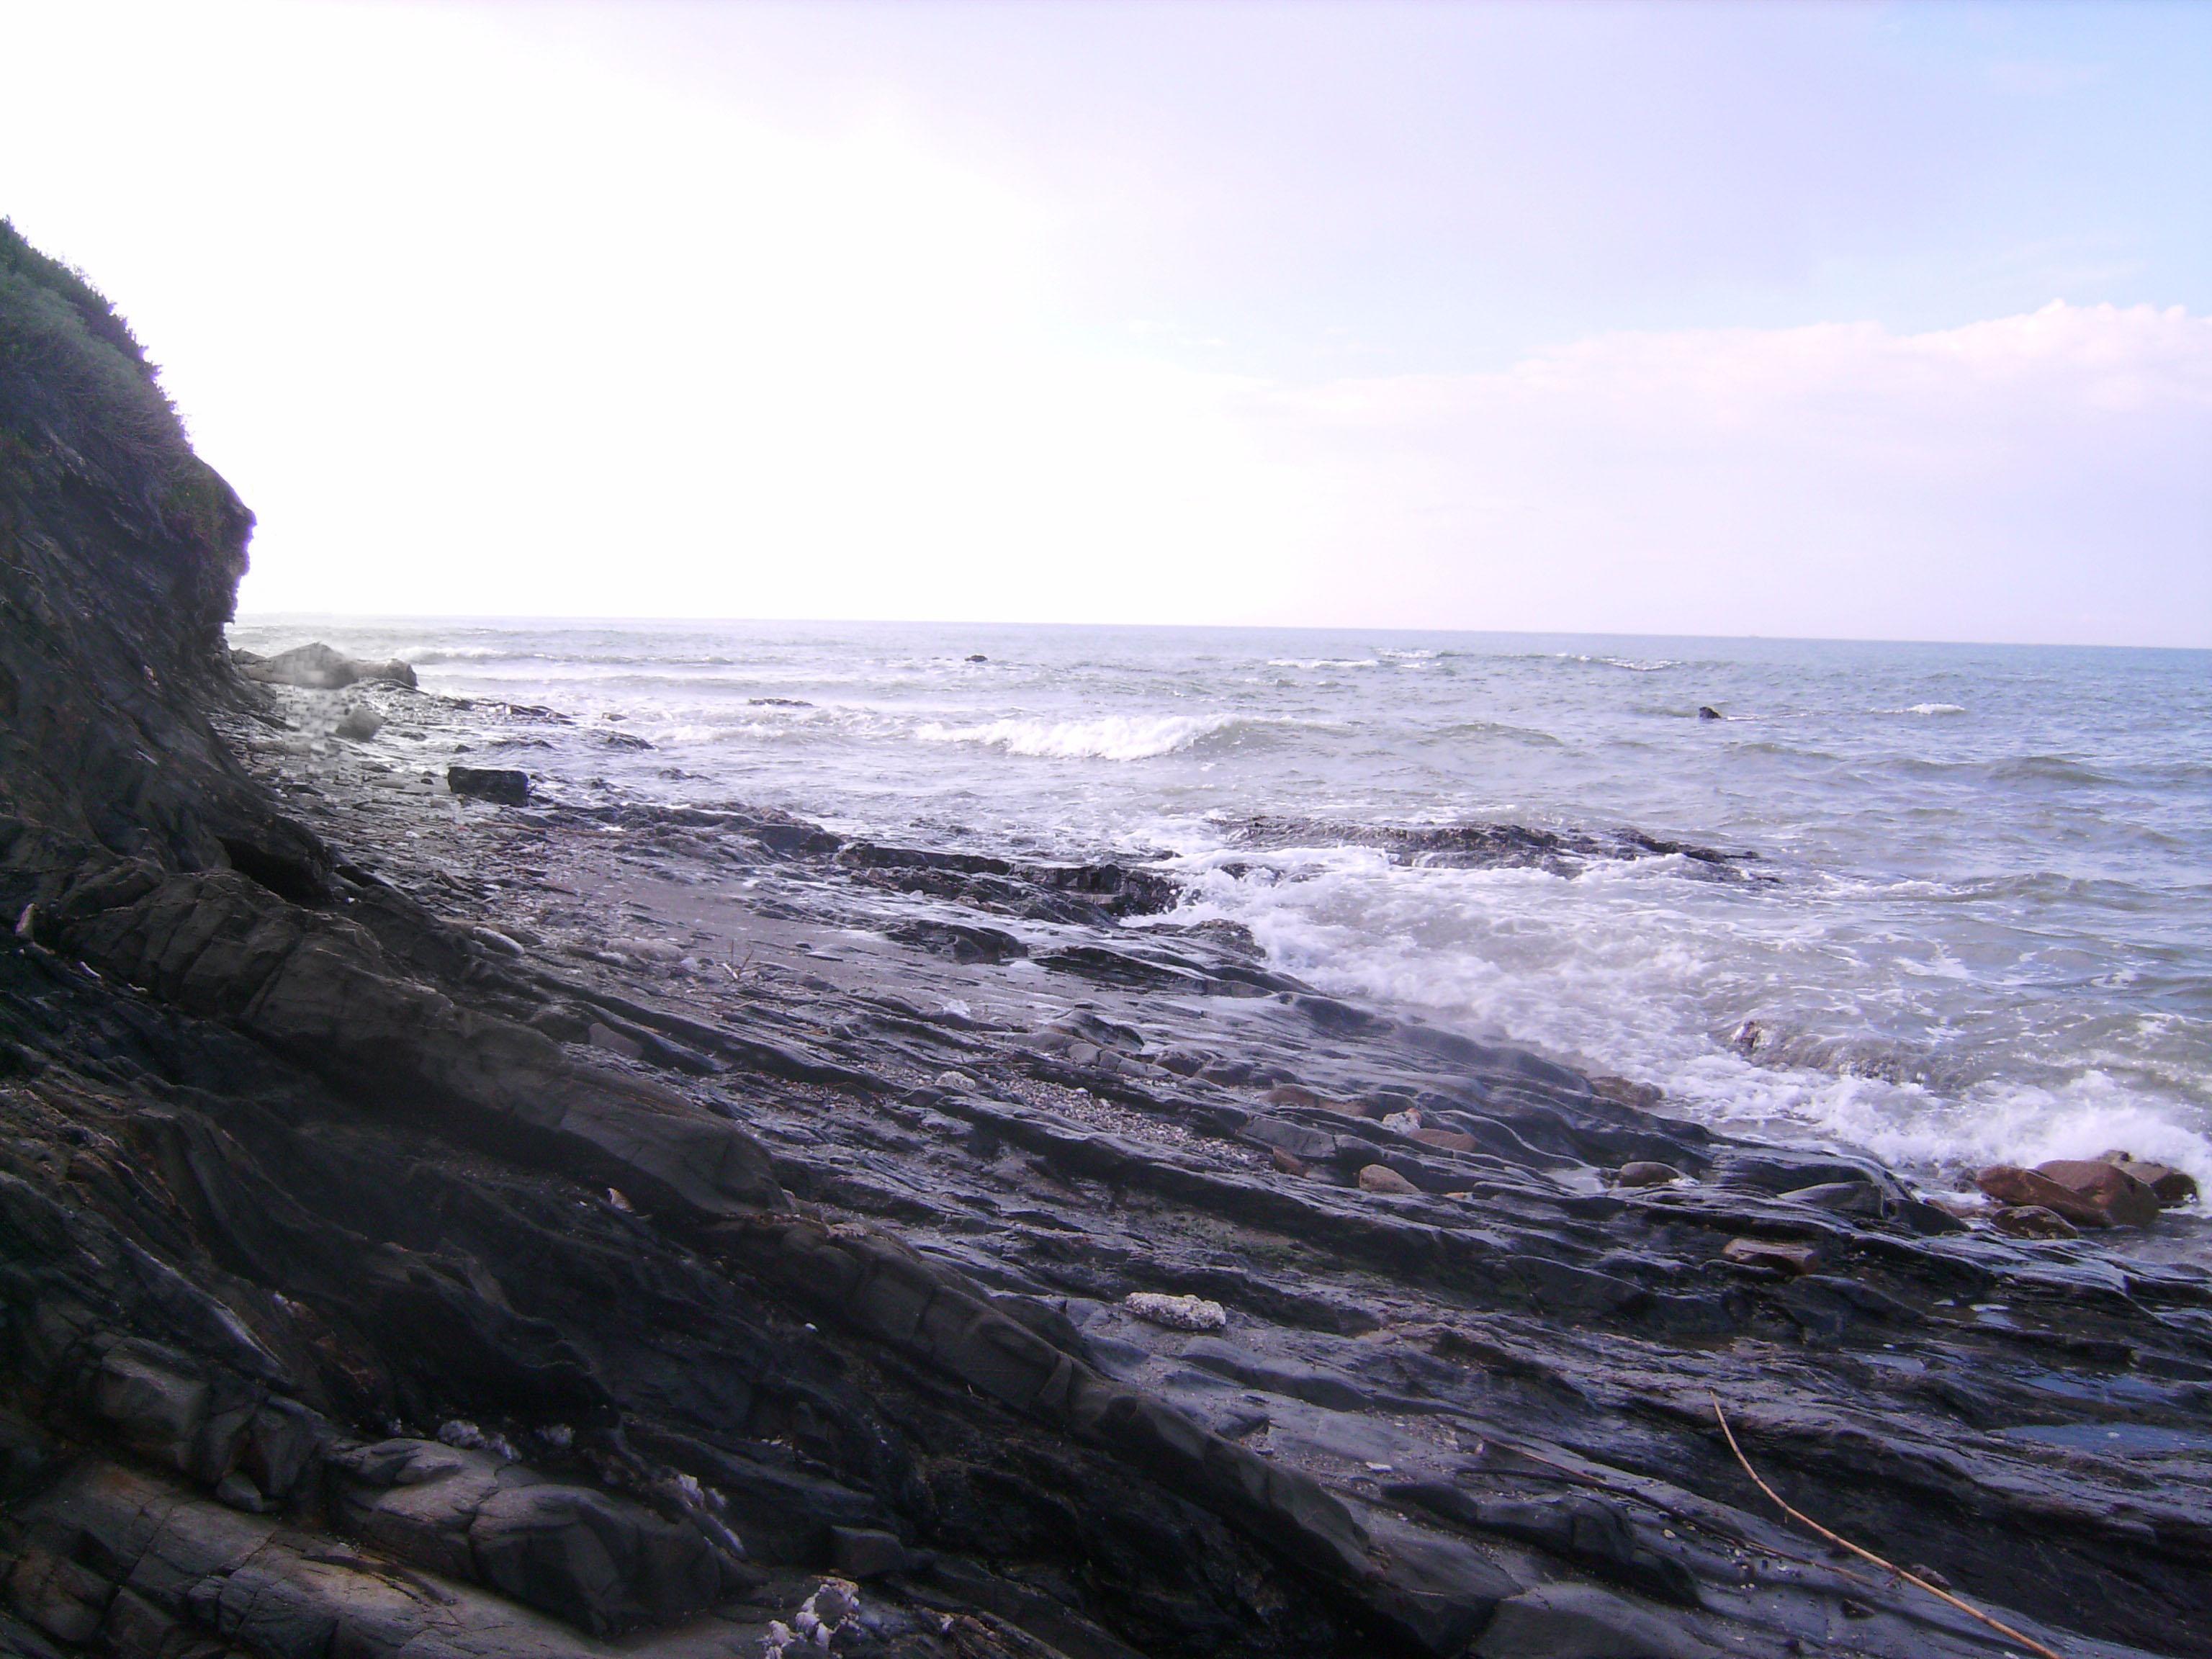 Hallottad a Nyílás mérhetetlen<br />messziről érkező néma hullámverését?<br />